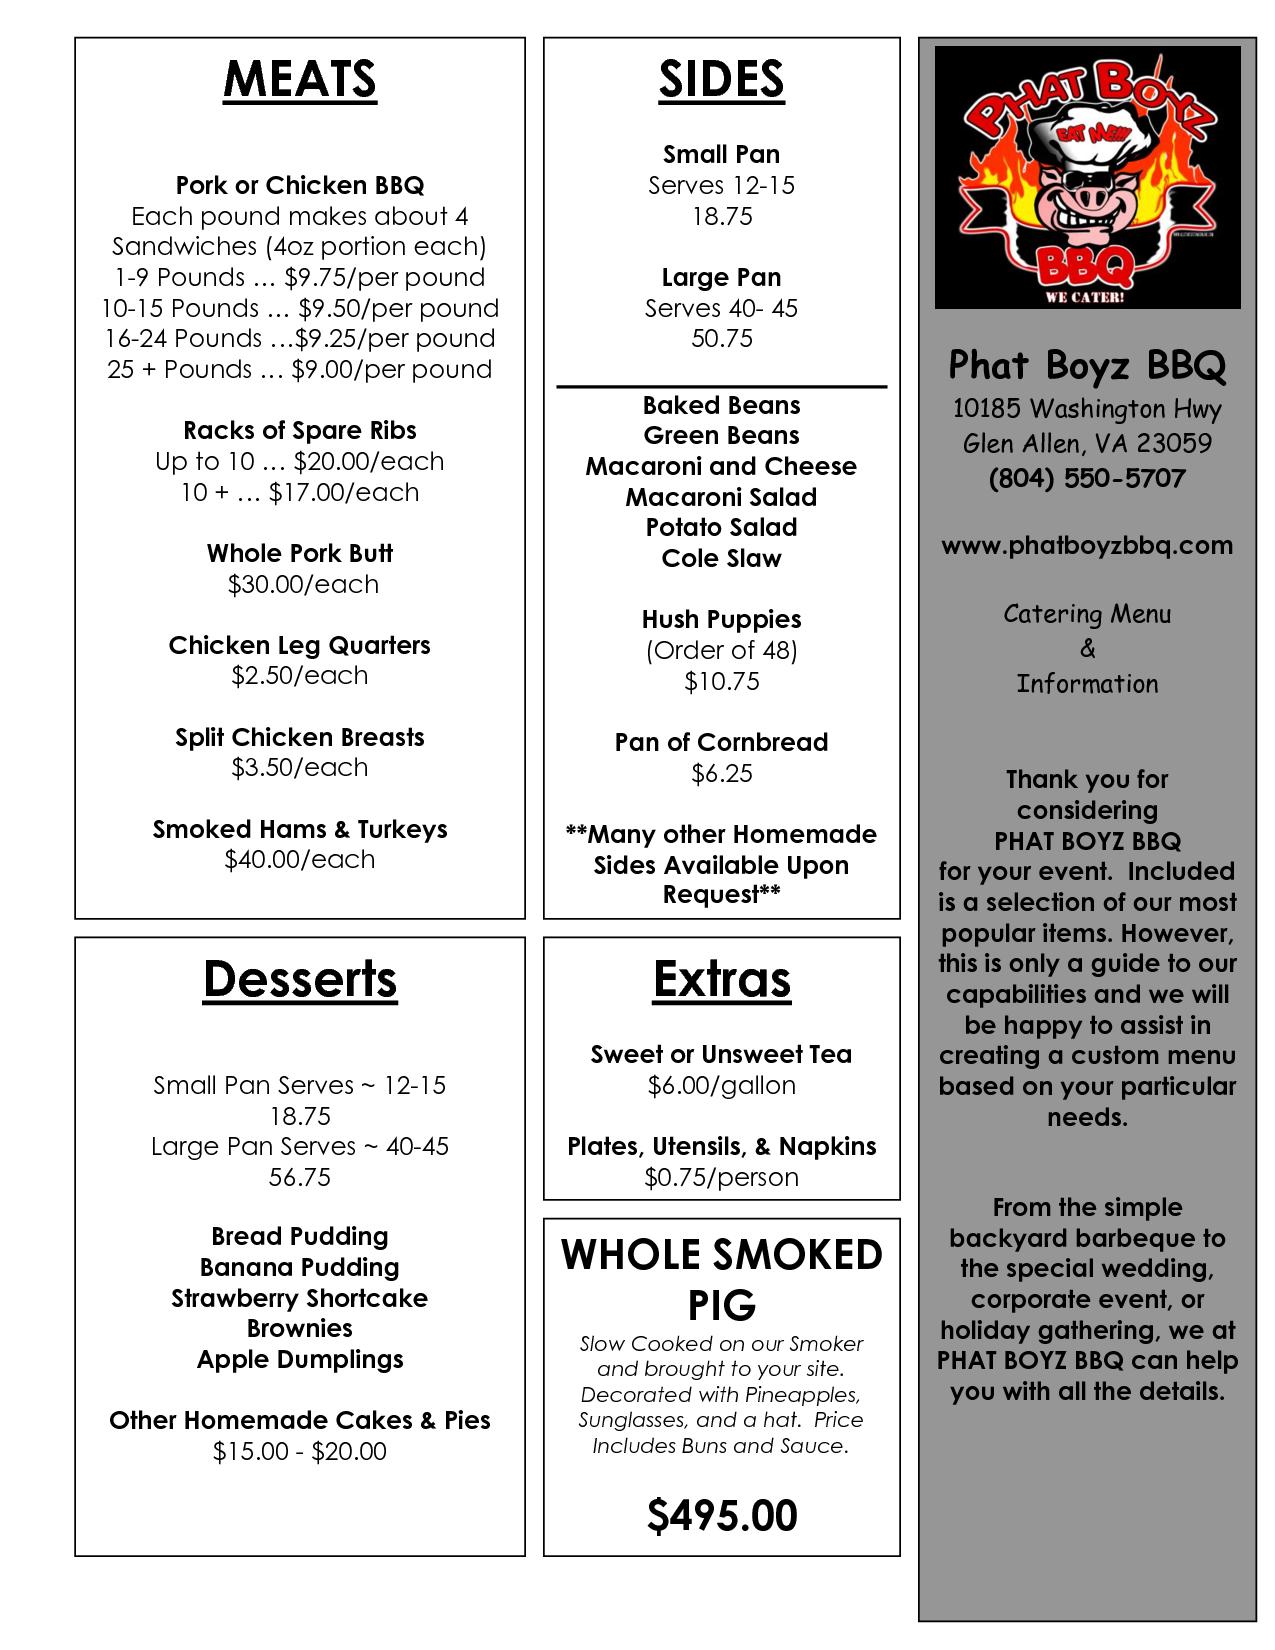 Event Menu Template | Catering Menu Templates Catering Menu For Website Truck